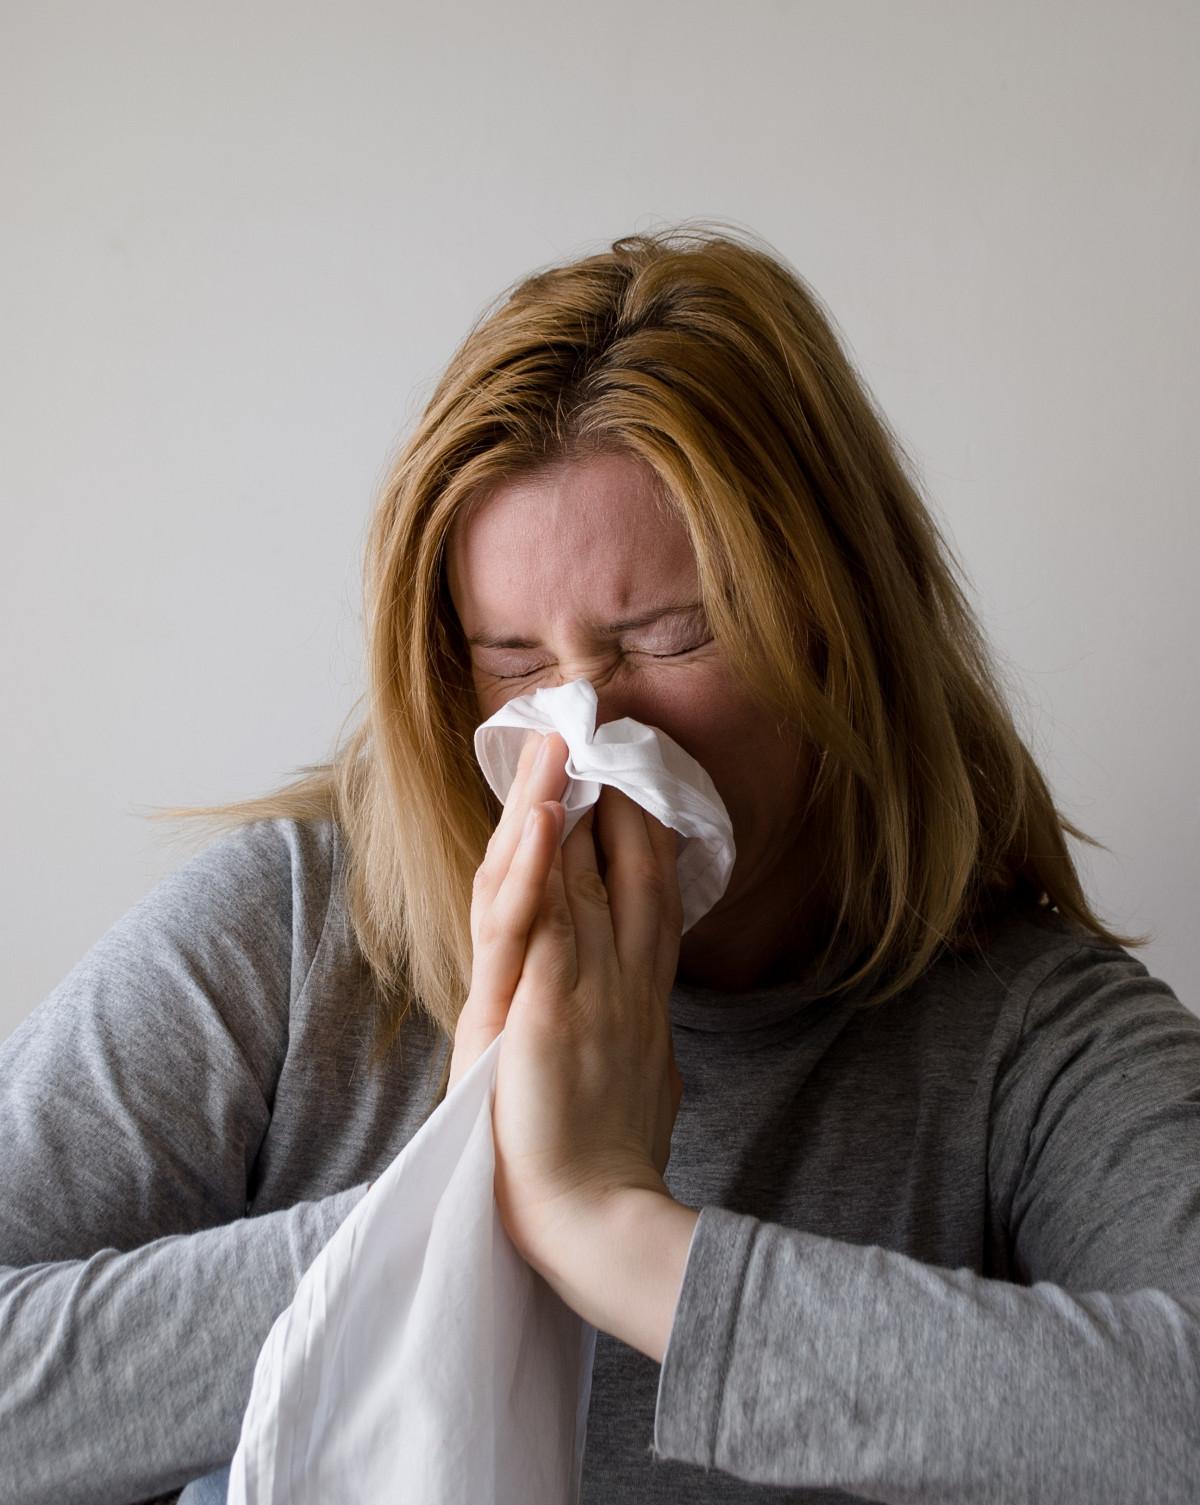 Peranan Bakteri Yang Merugikan Bagi Manusia